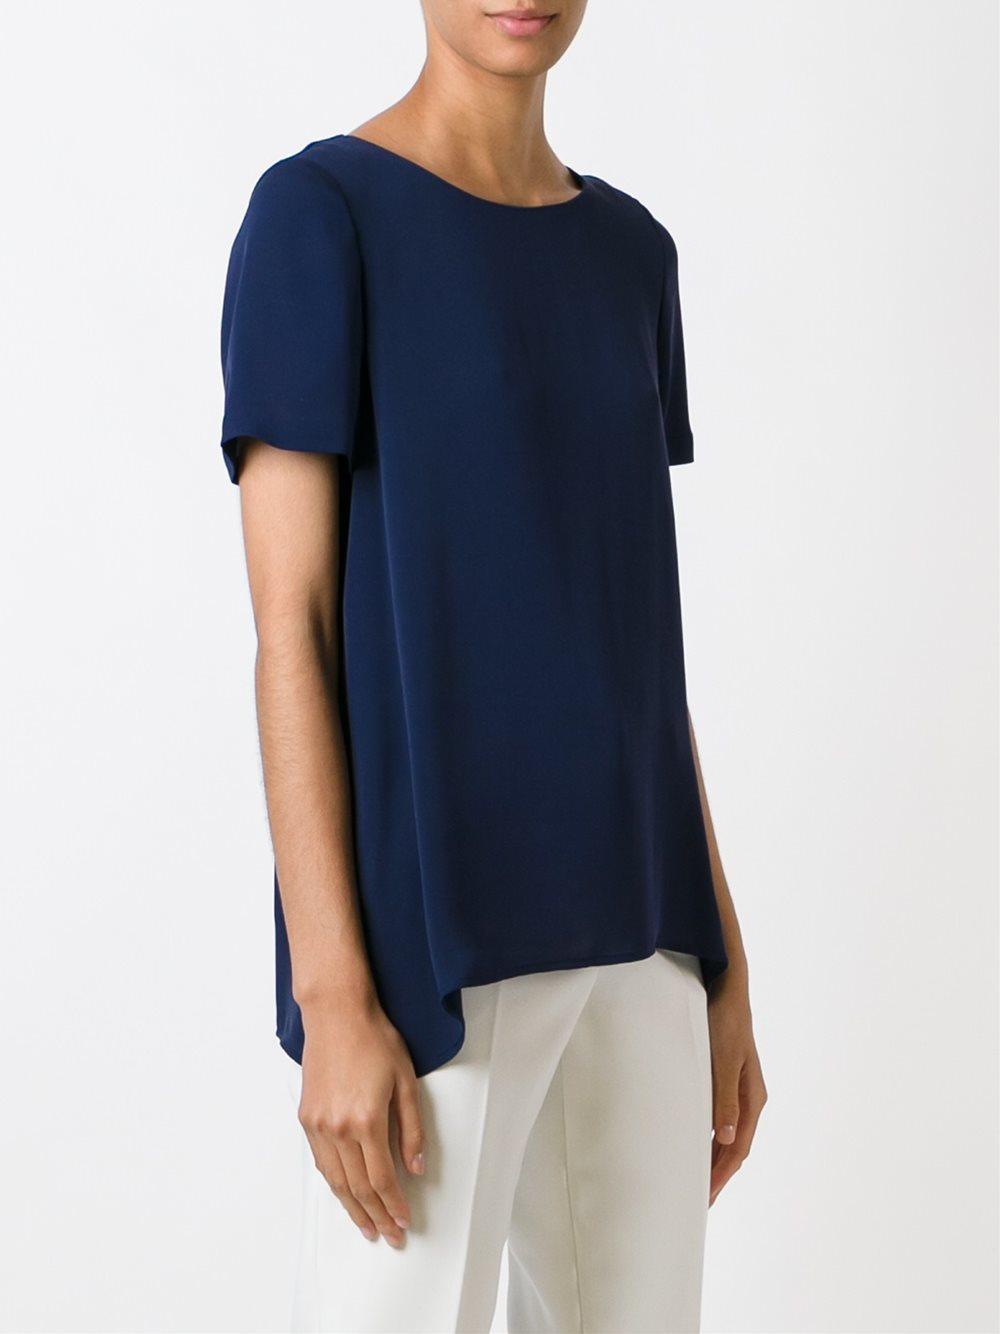 Lyst diane von furstenberg plain t shirt women for Diane von furstenberg shirt